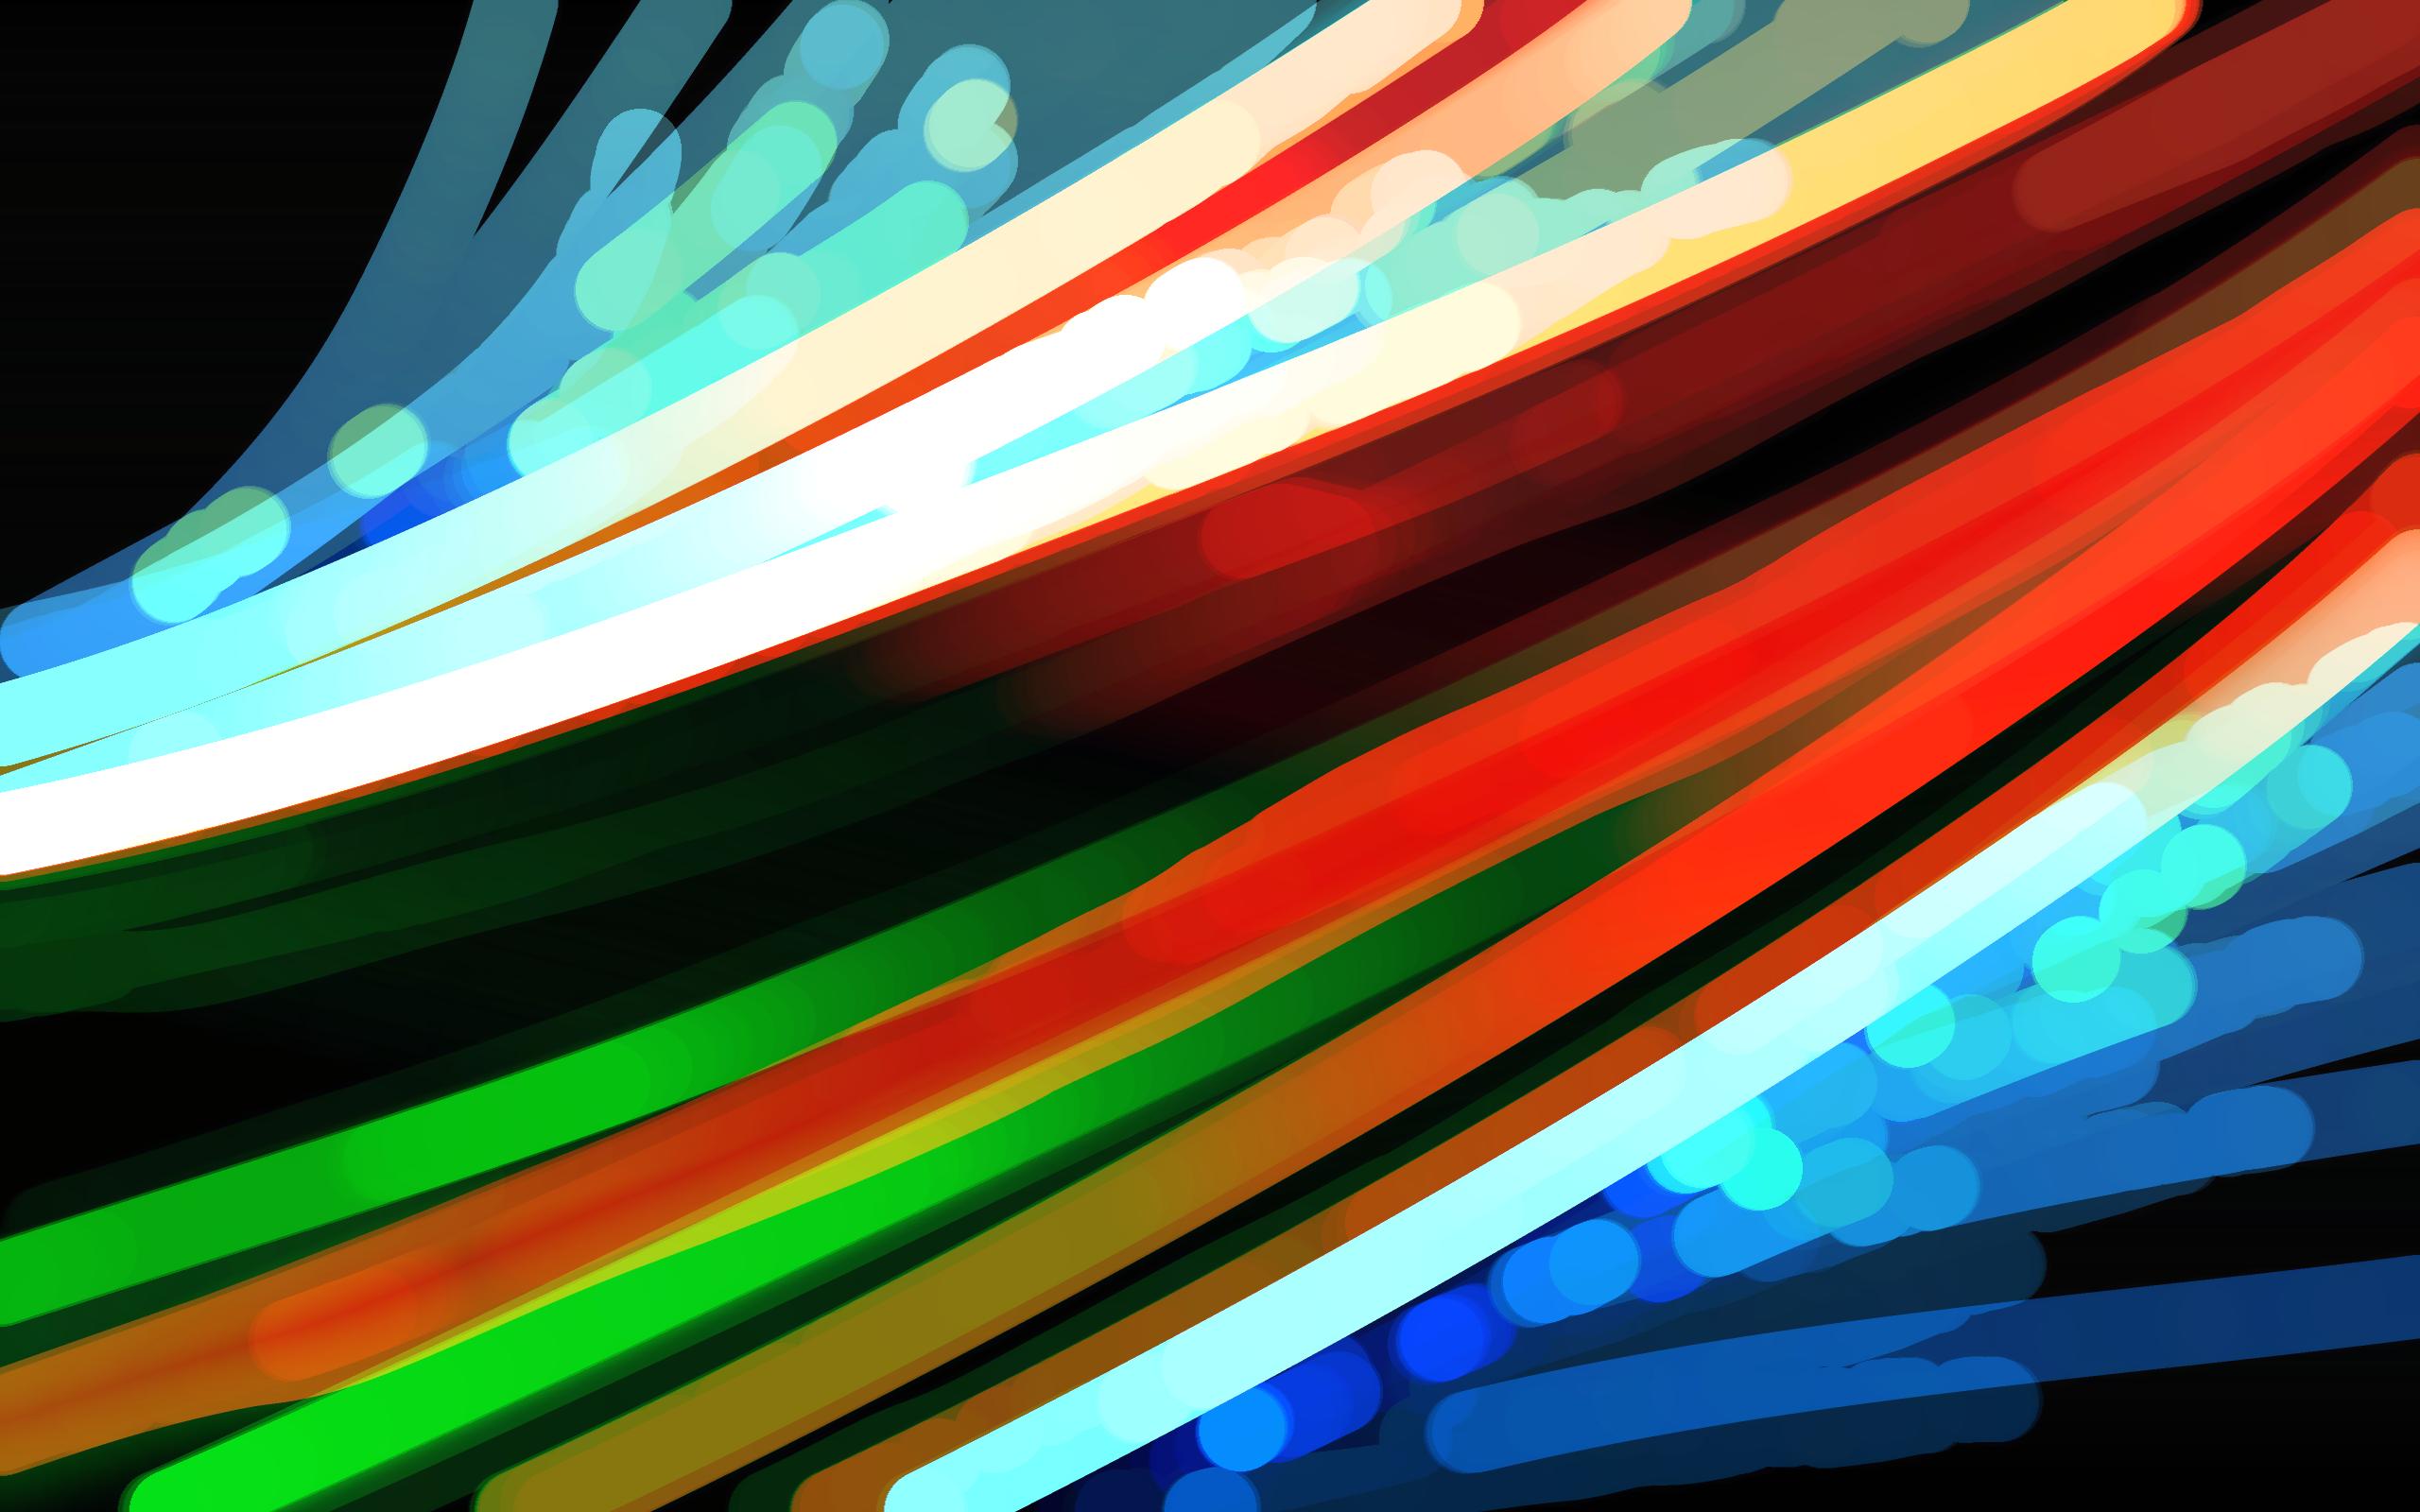 Flow Wallpaper by DefineDesign on DeviantArt